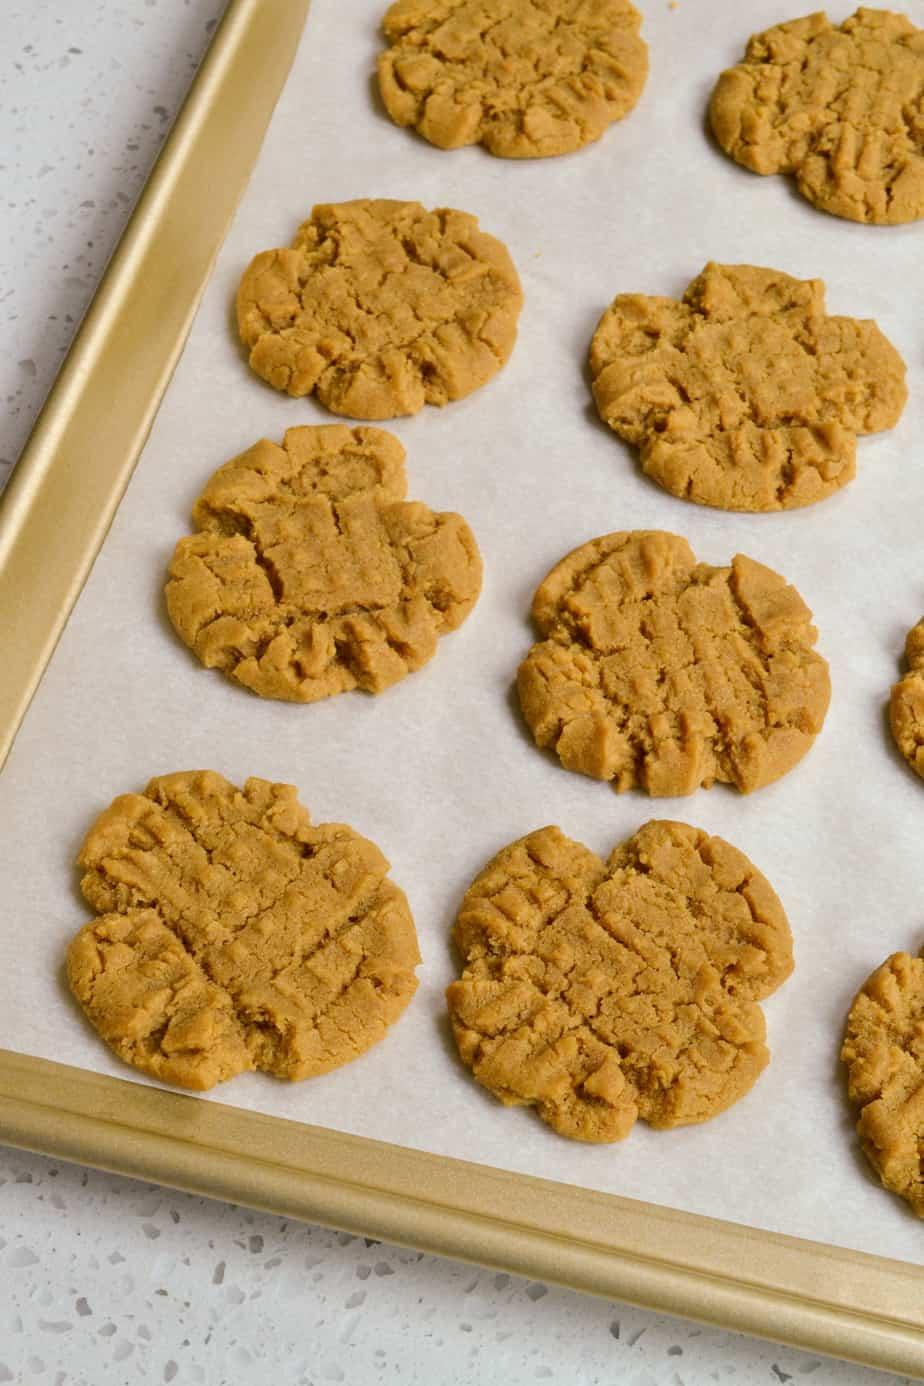 Baked flourless peanut butter cookies on a baking sheet.